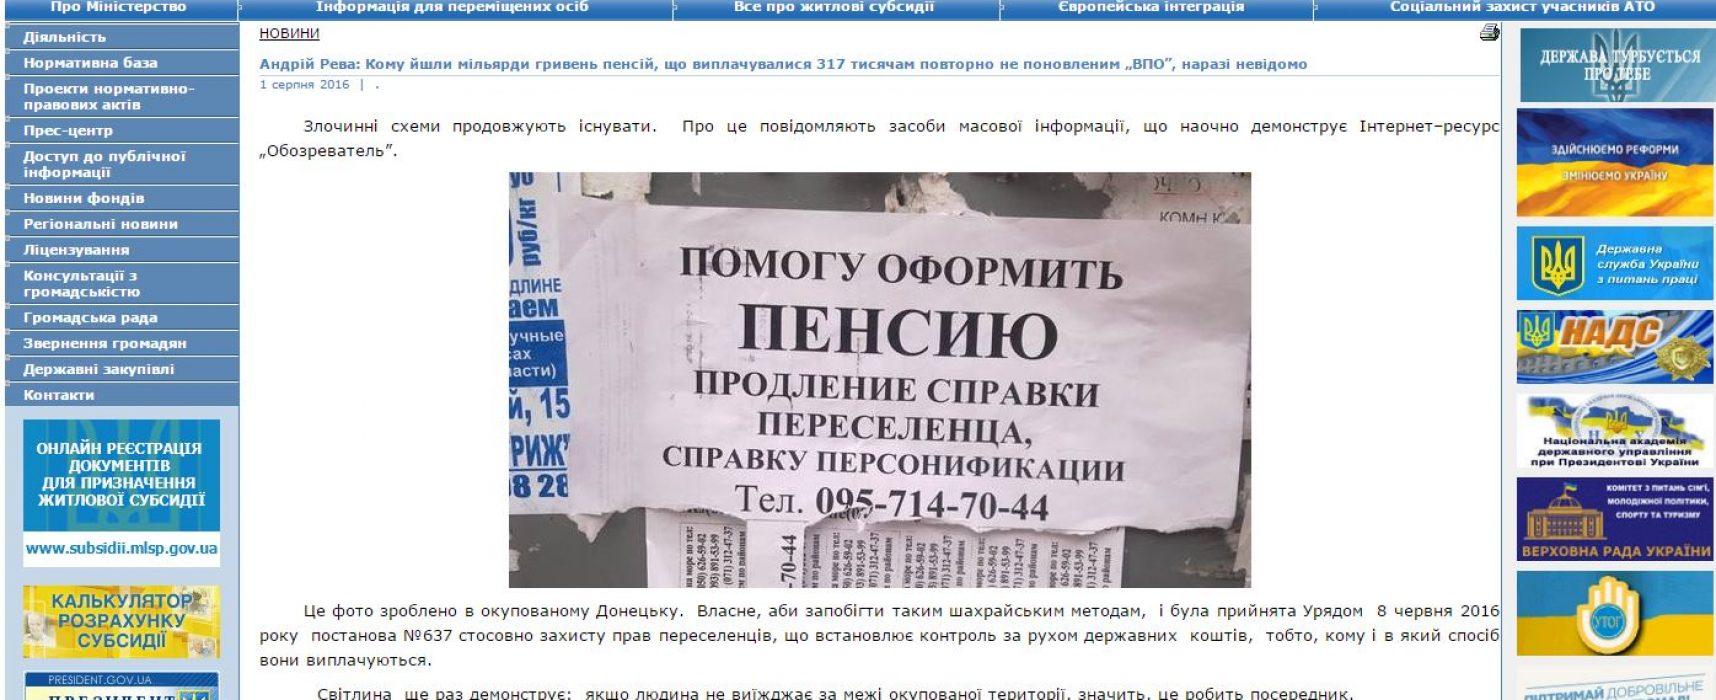 Фейк: Украина прекратила выплаты 300 тысячам пенсионеров Донбасса